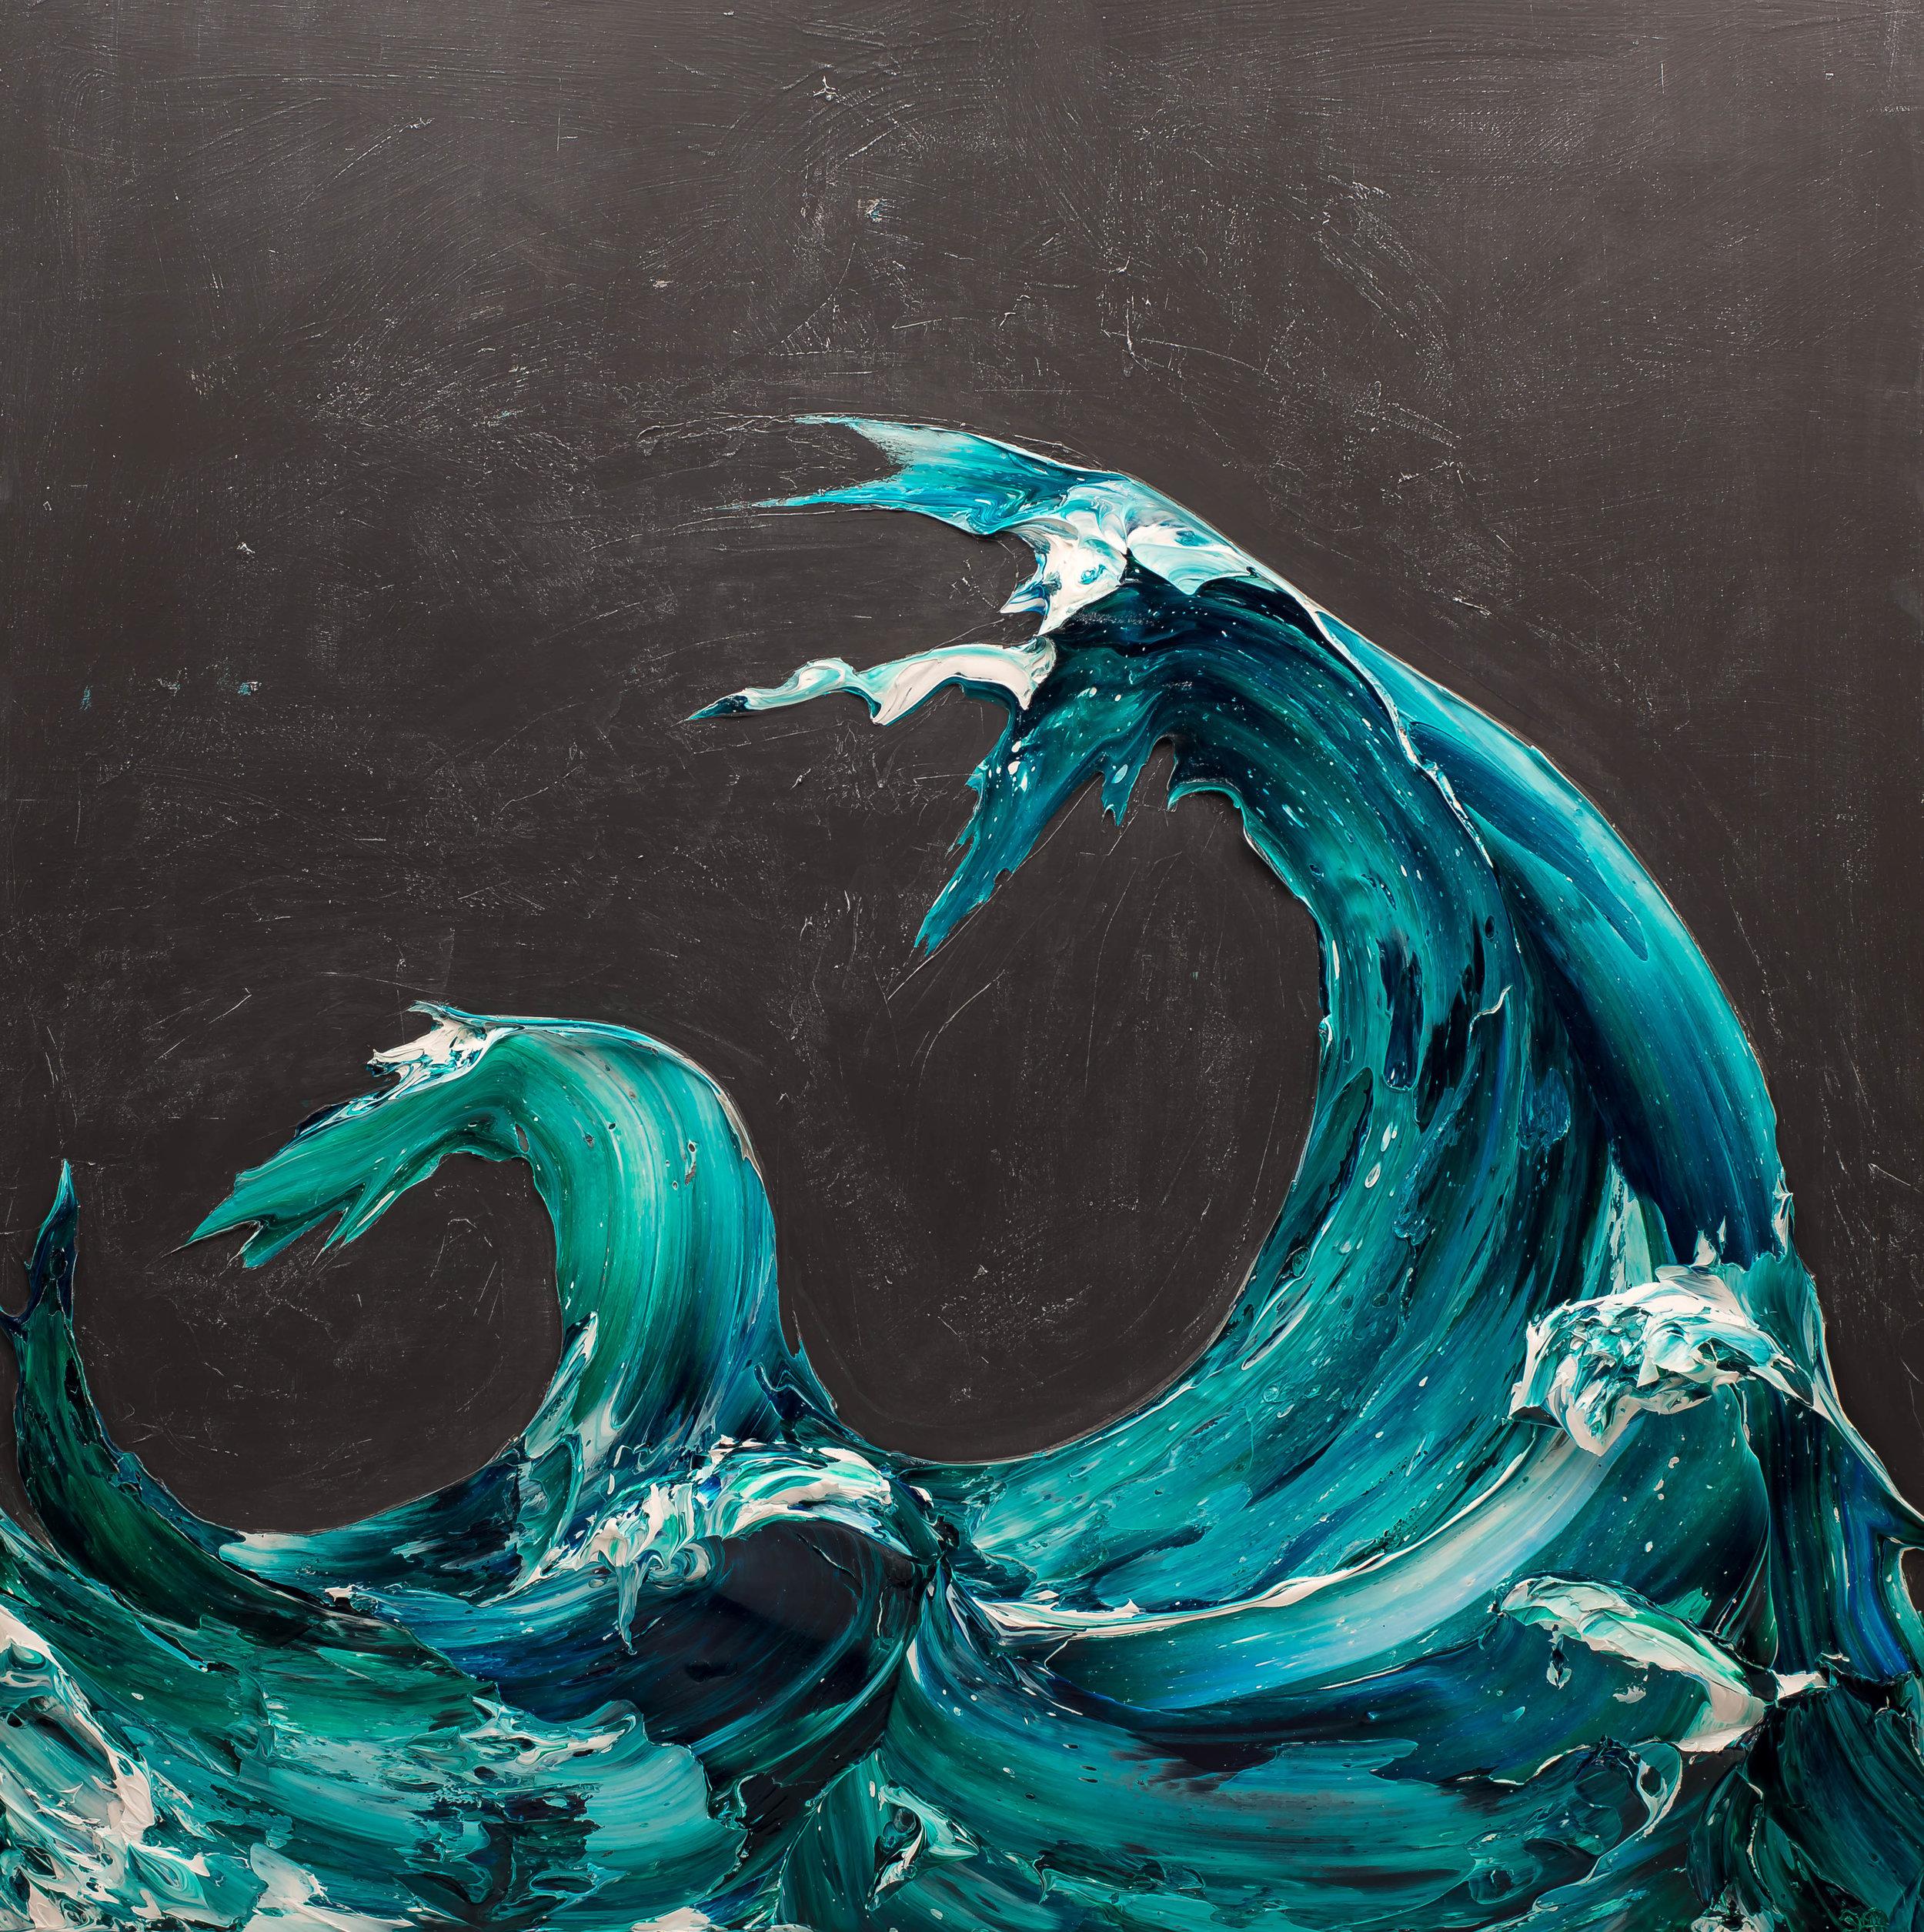 WAVE SERIES 9